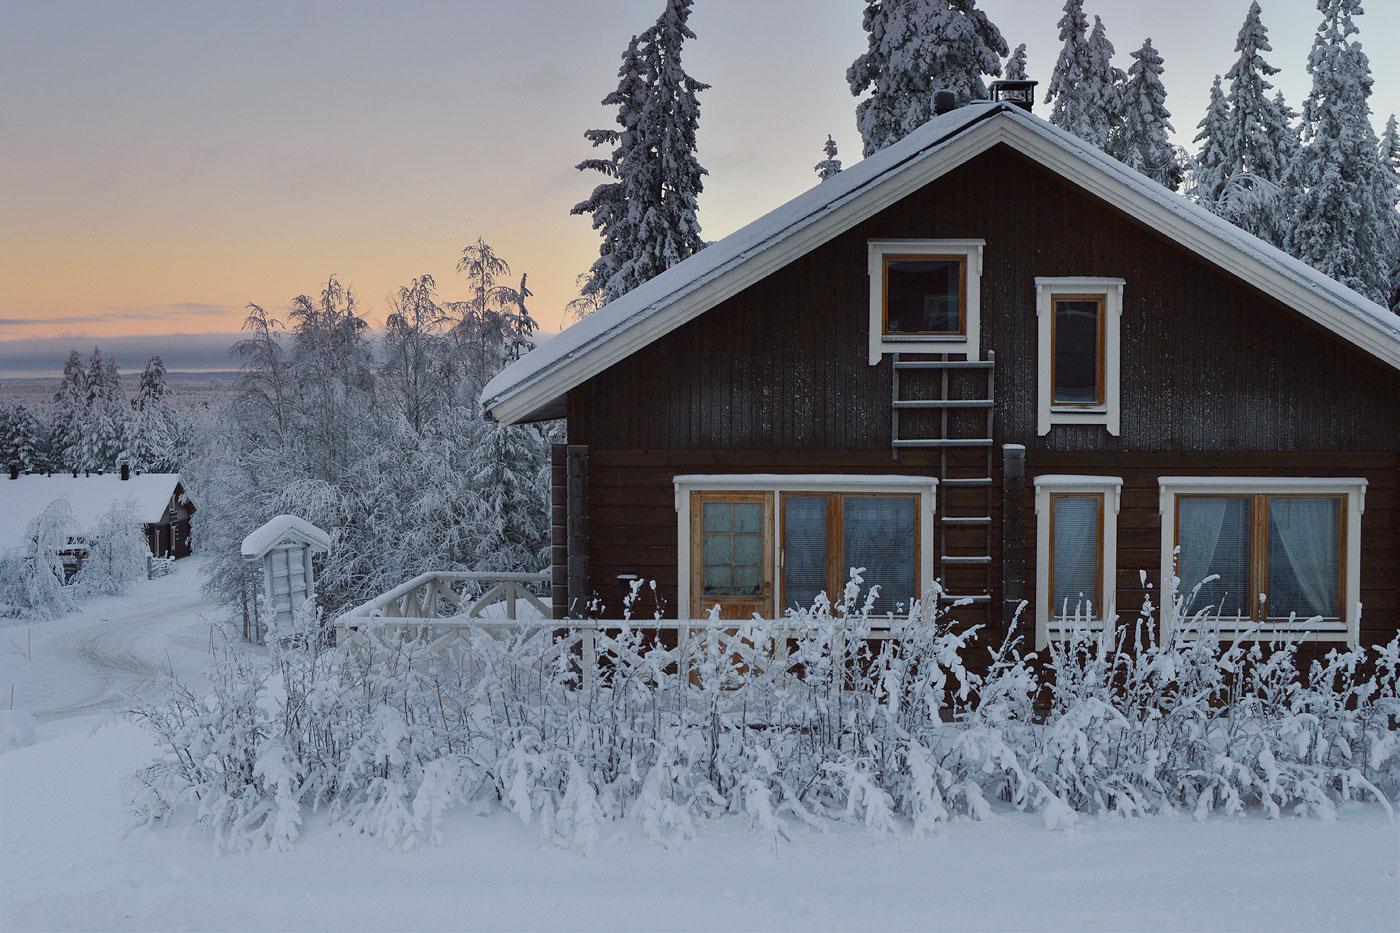 vuokatti mökki mökit cabin cottage kolazko majoitus